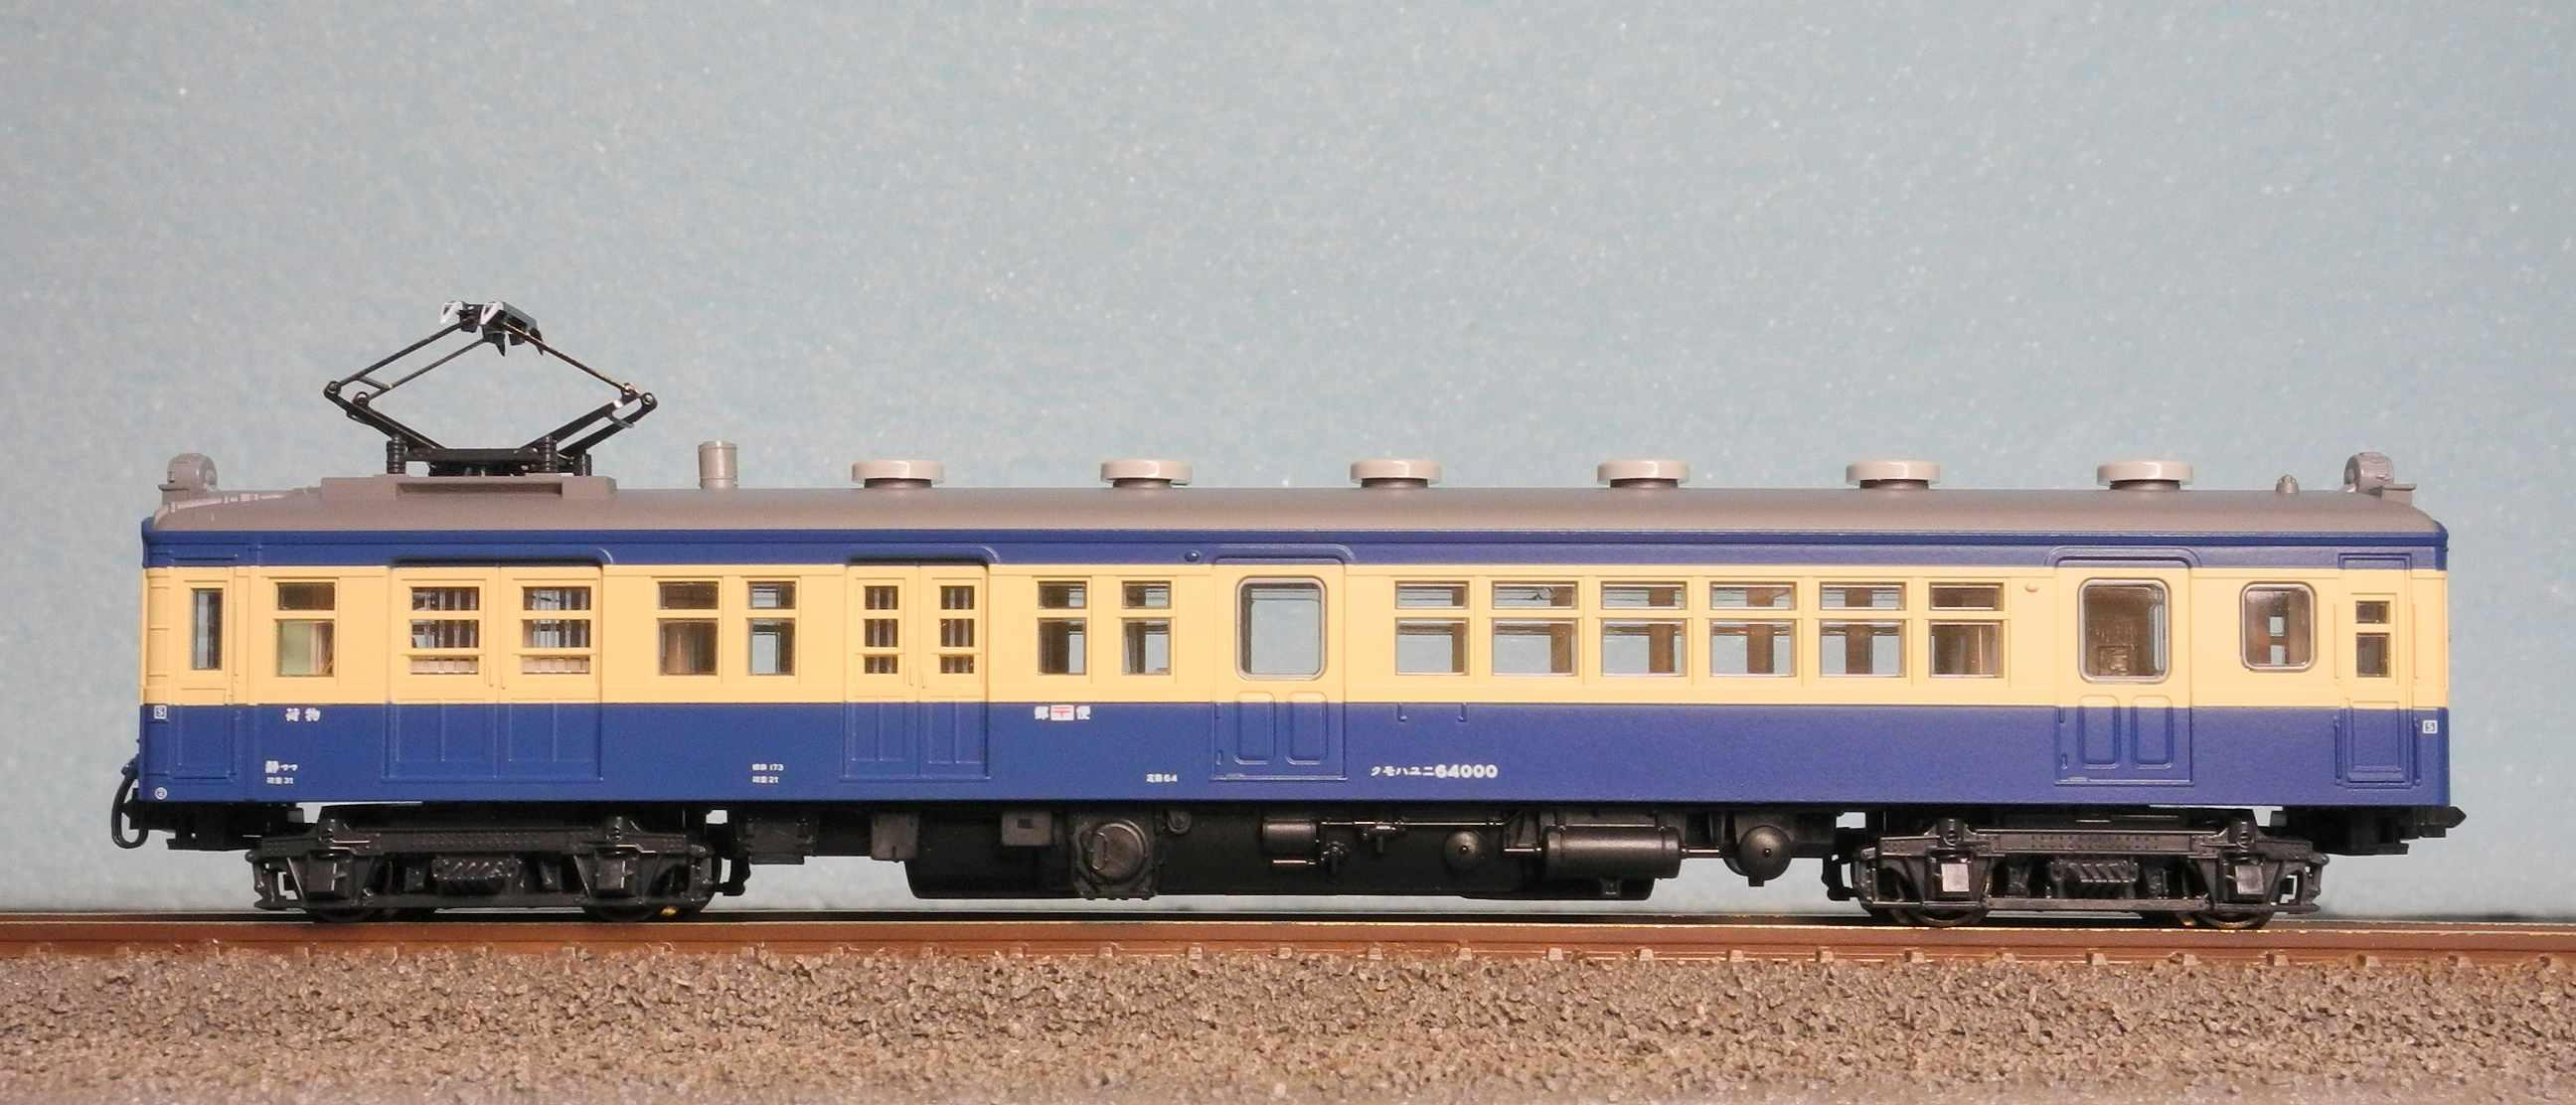 DSCN6158-1.jpg